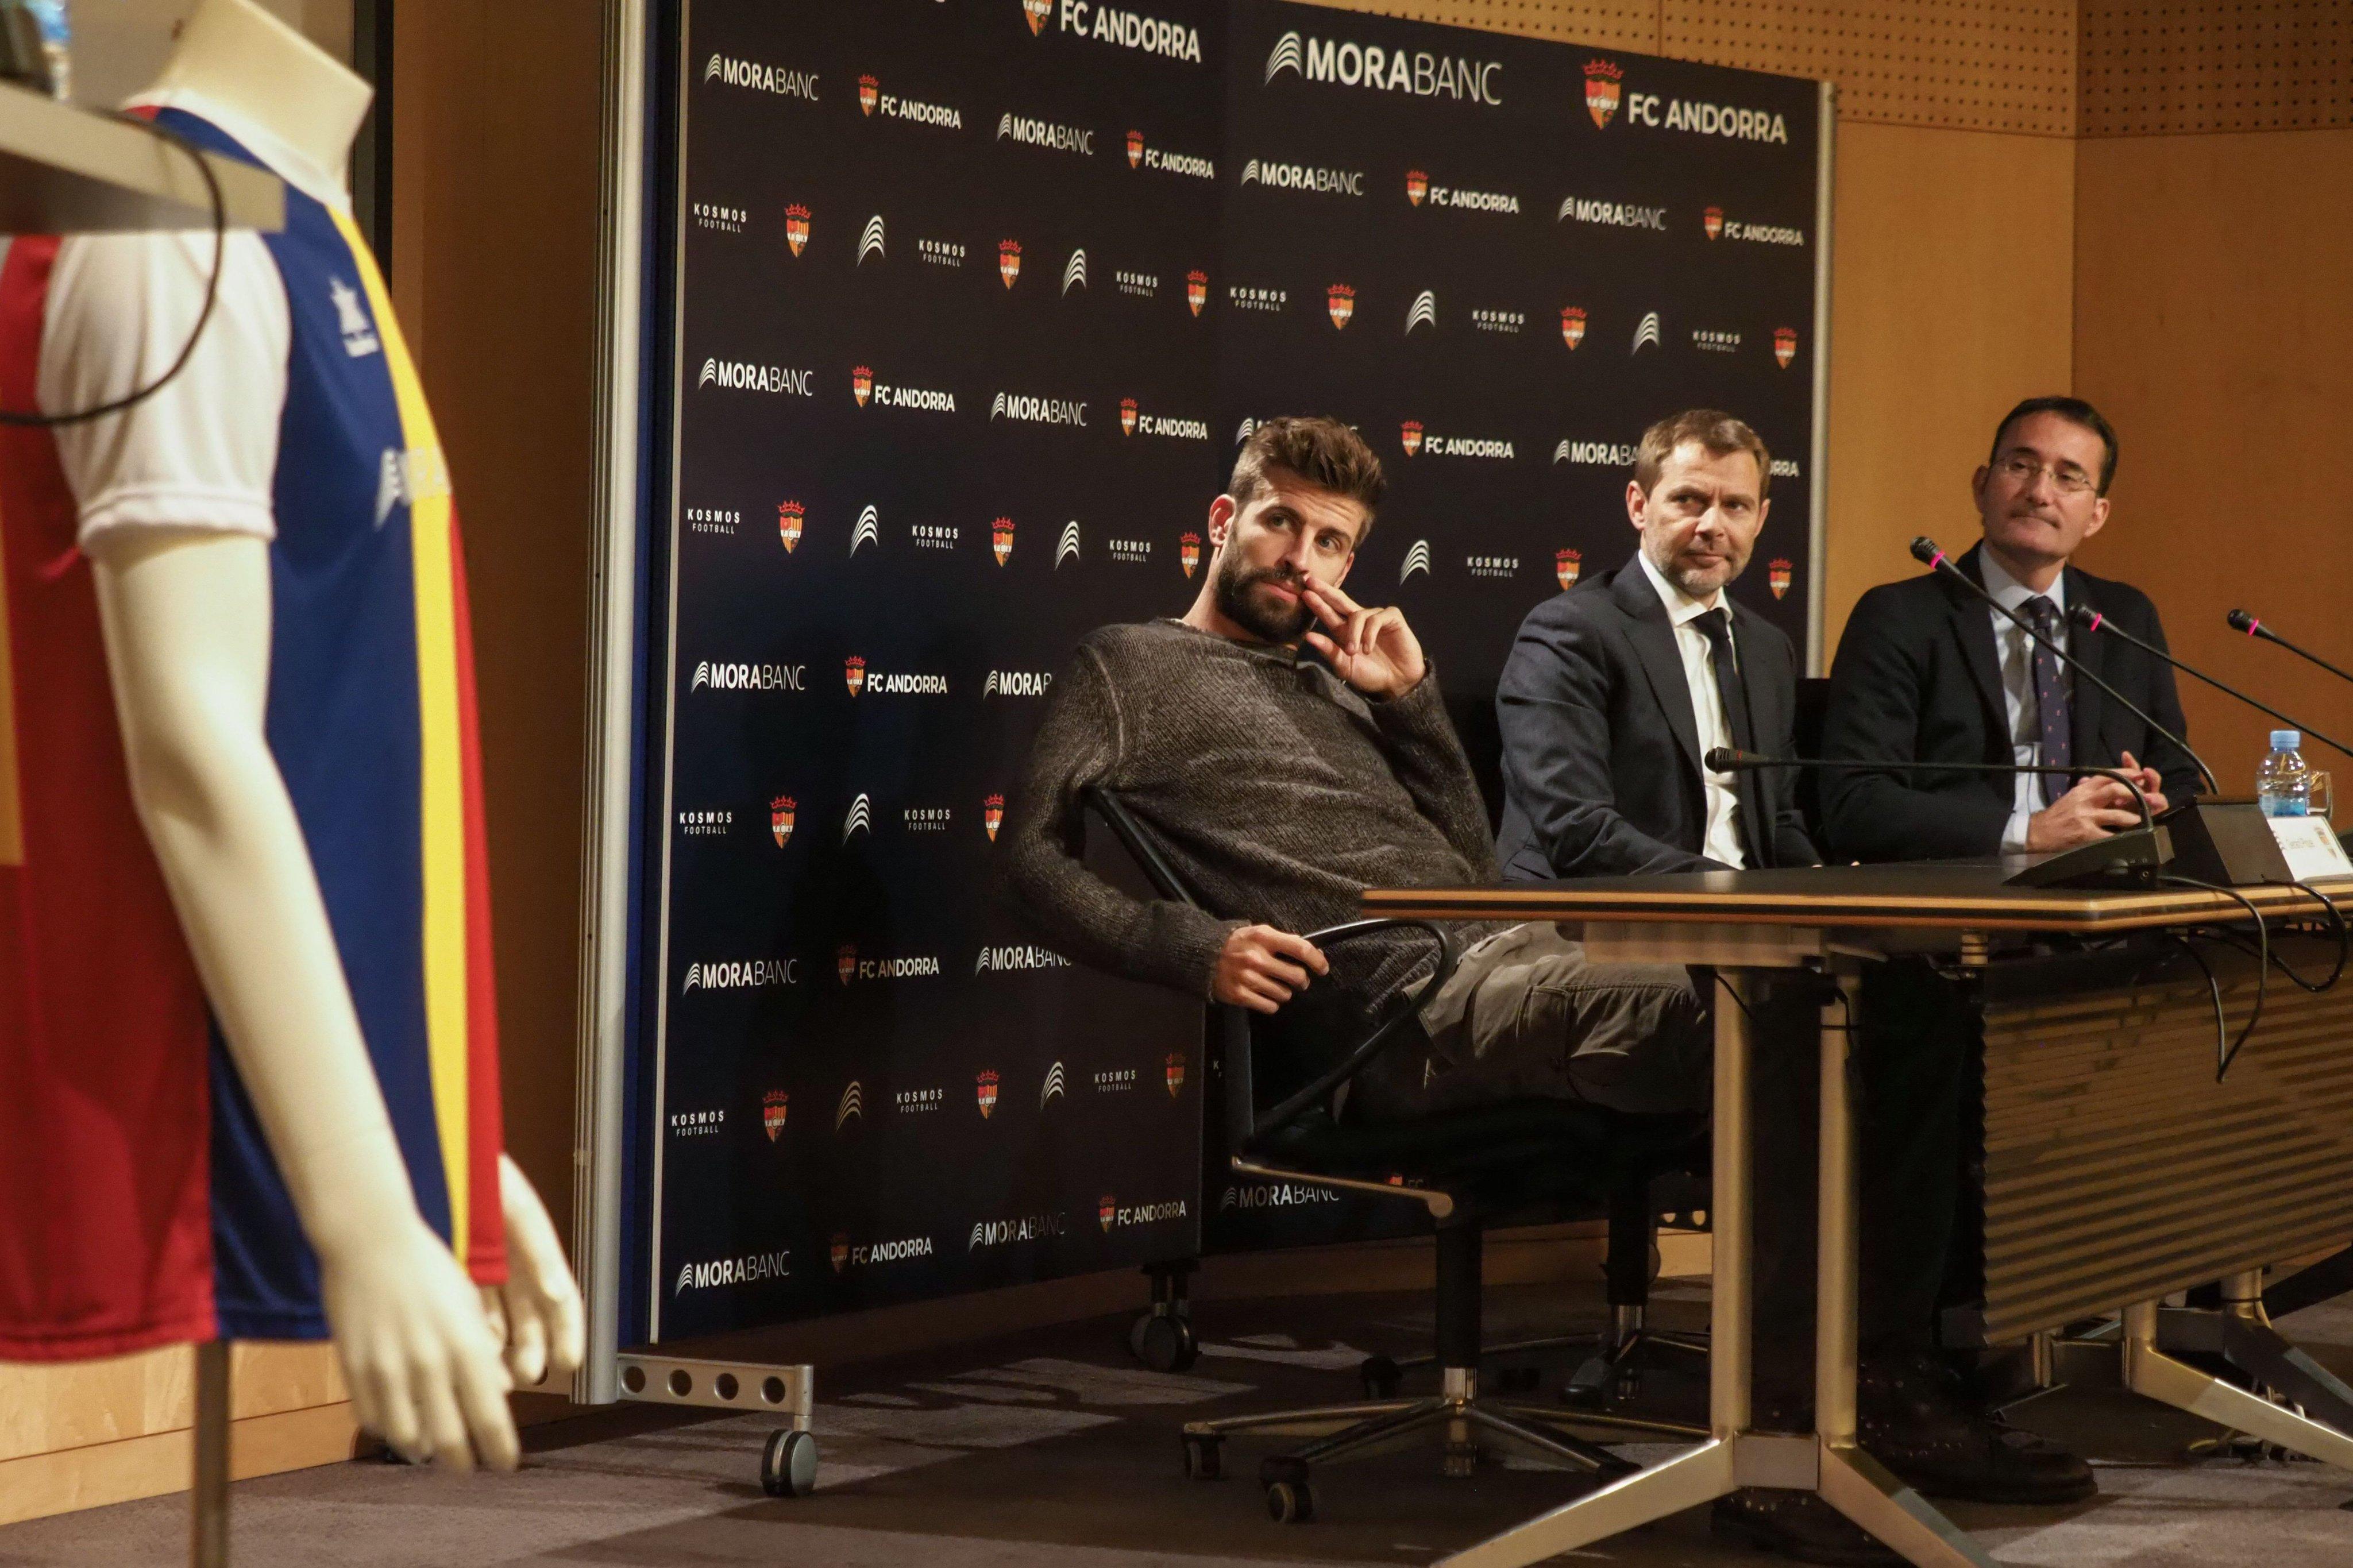 巴萨确定季前热身赛:9月12日迎战皮克的安道尔FC